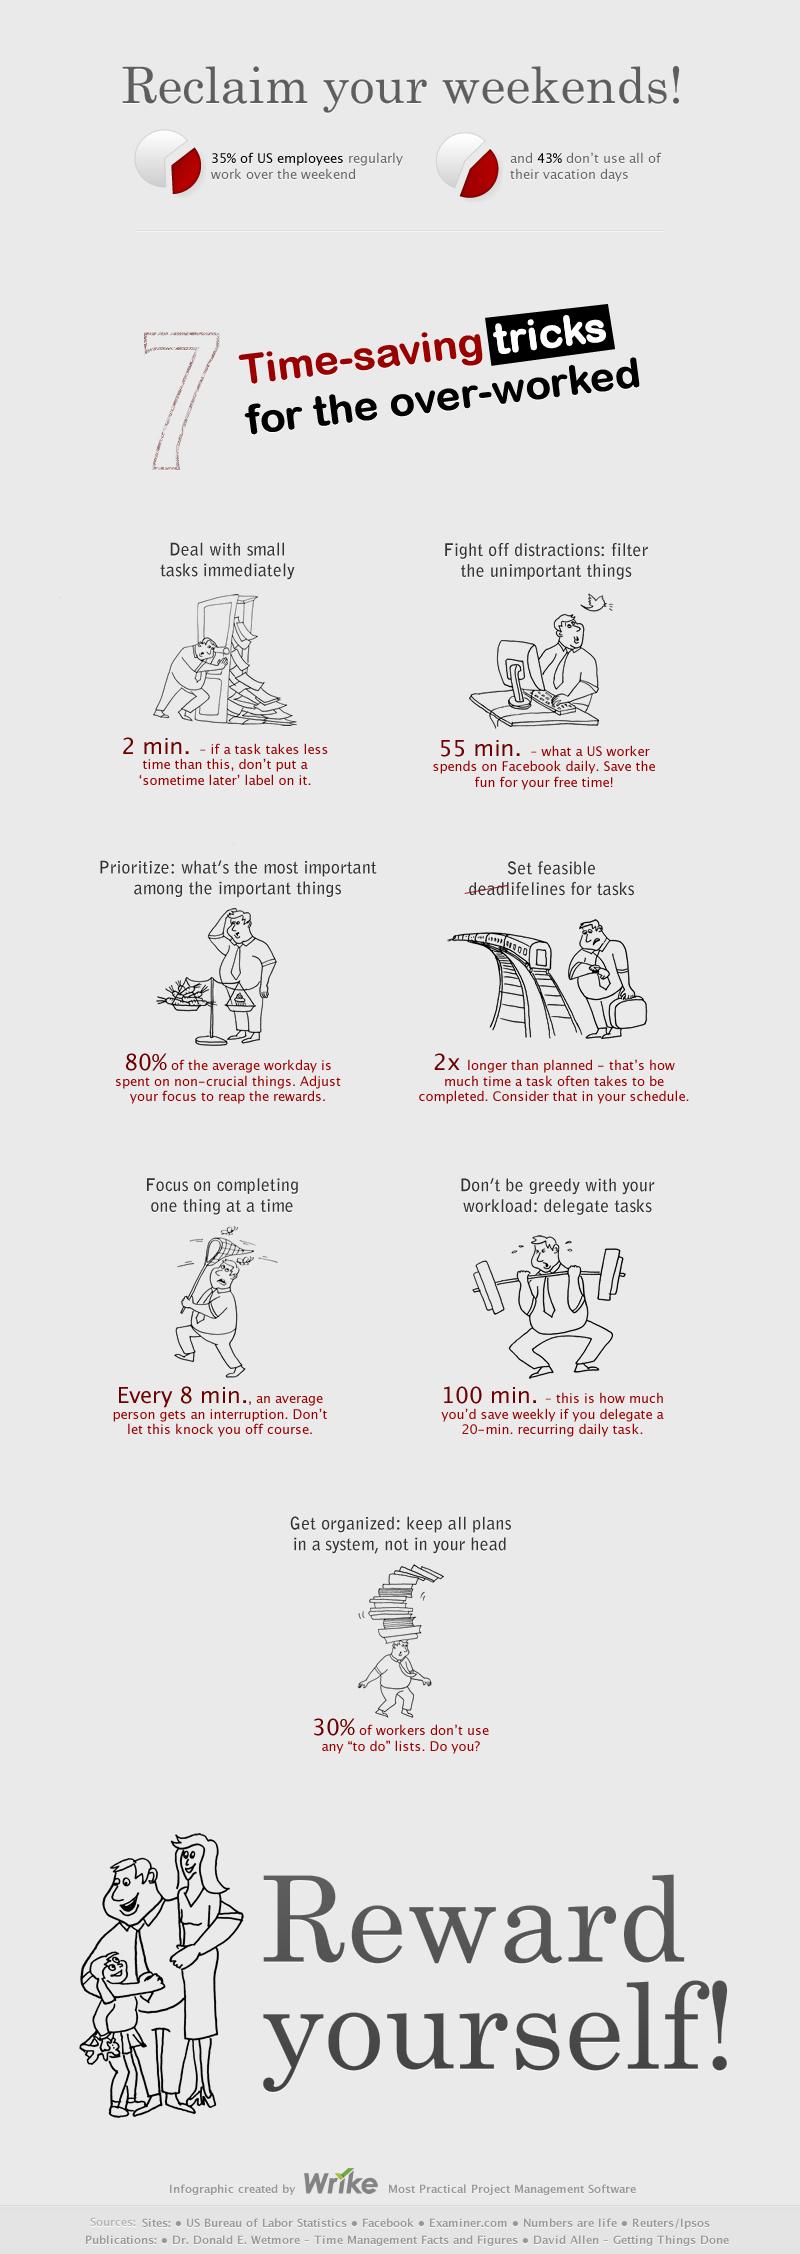 7 trucos de ahorro de tiempo cuando hay exceso de trabajo